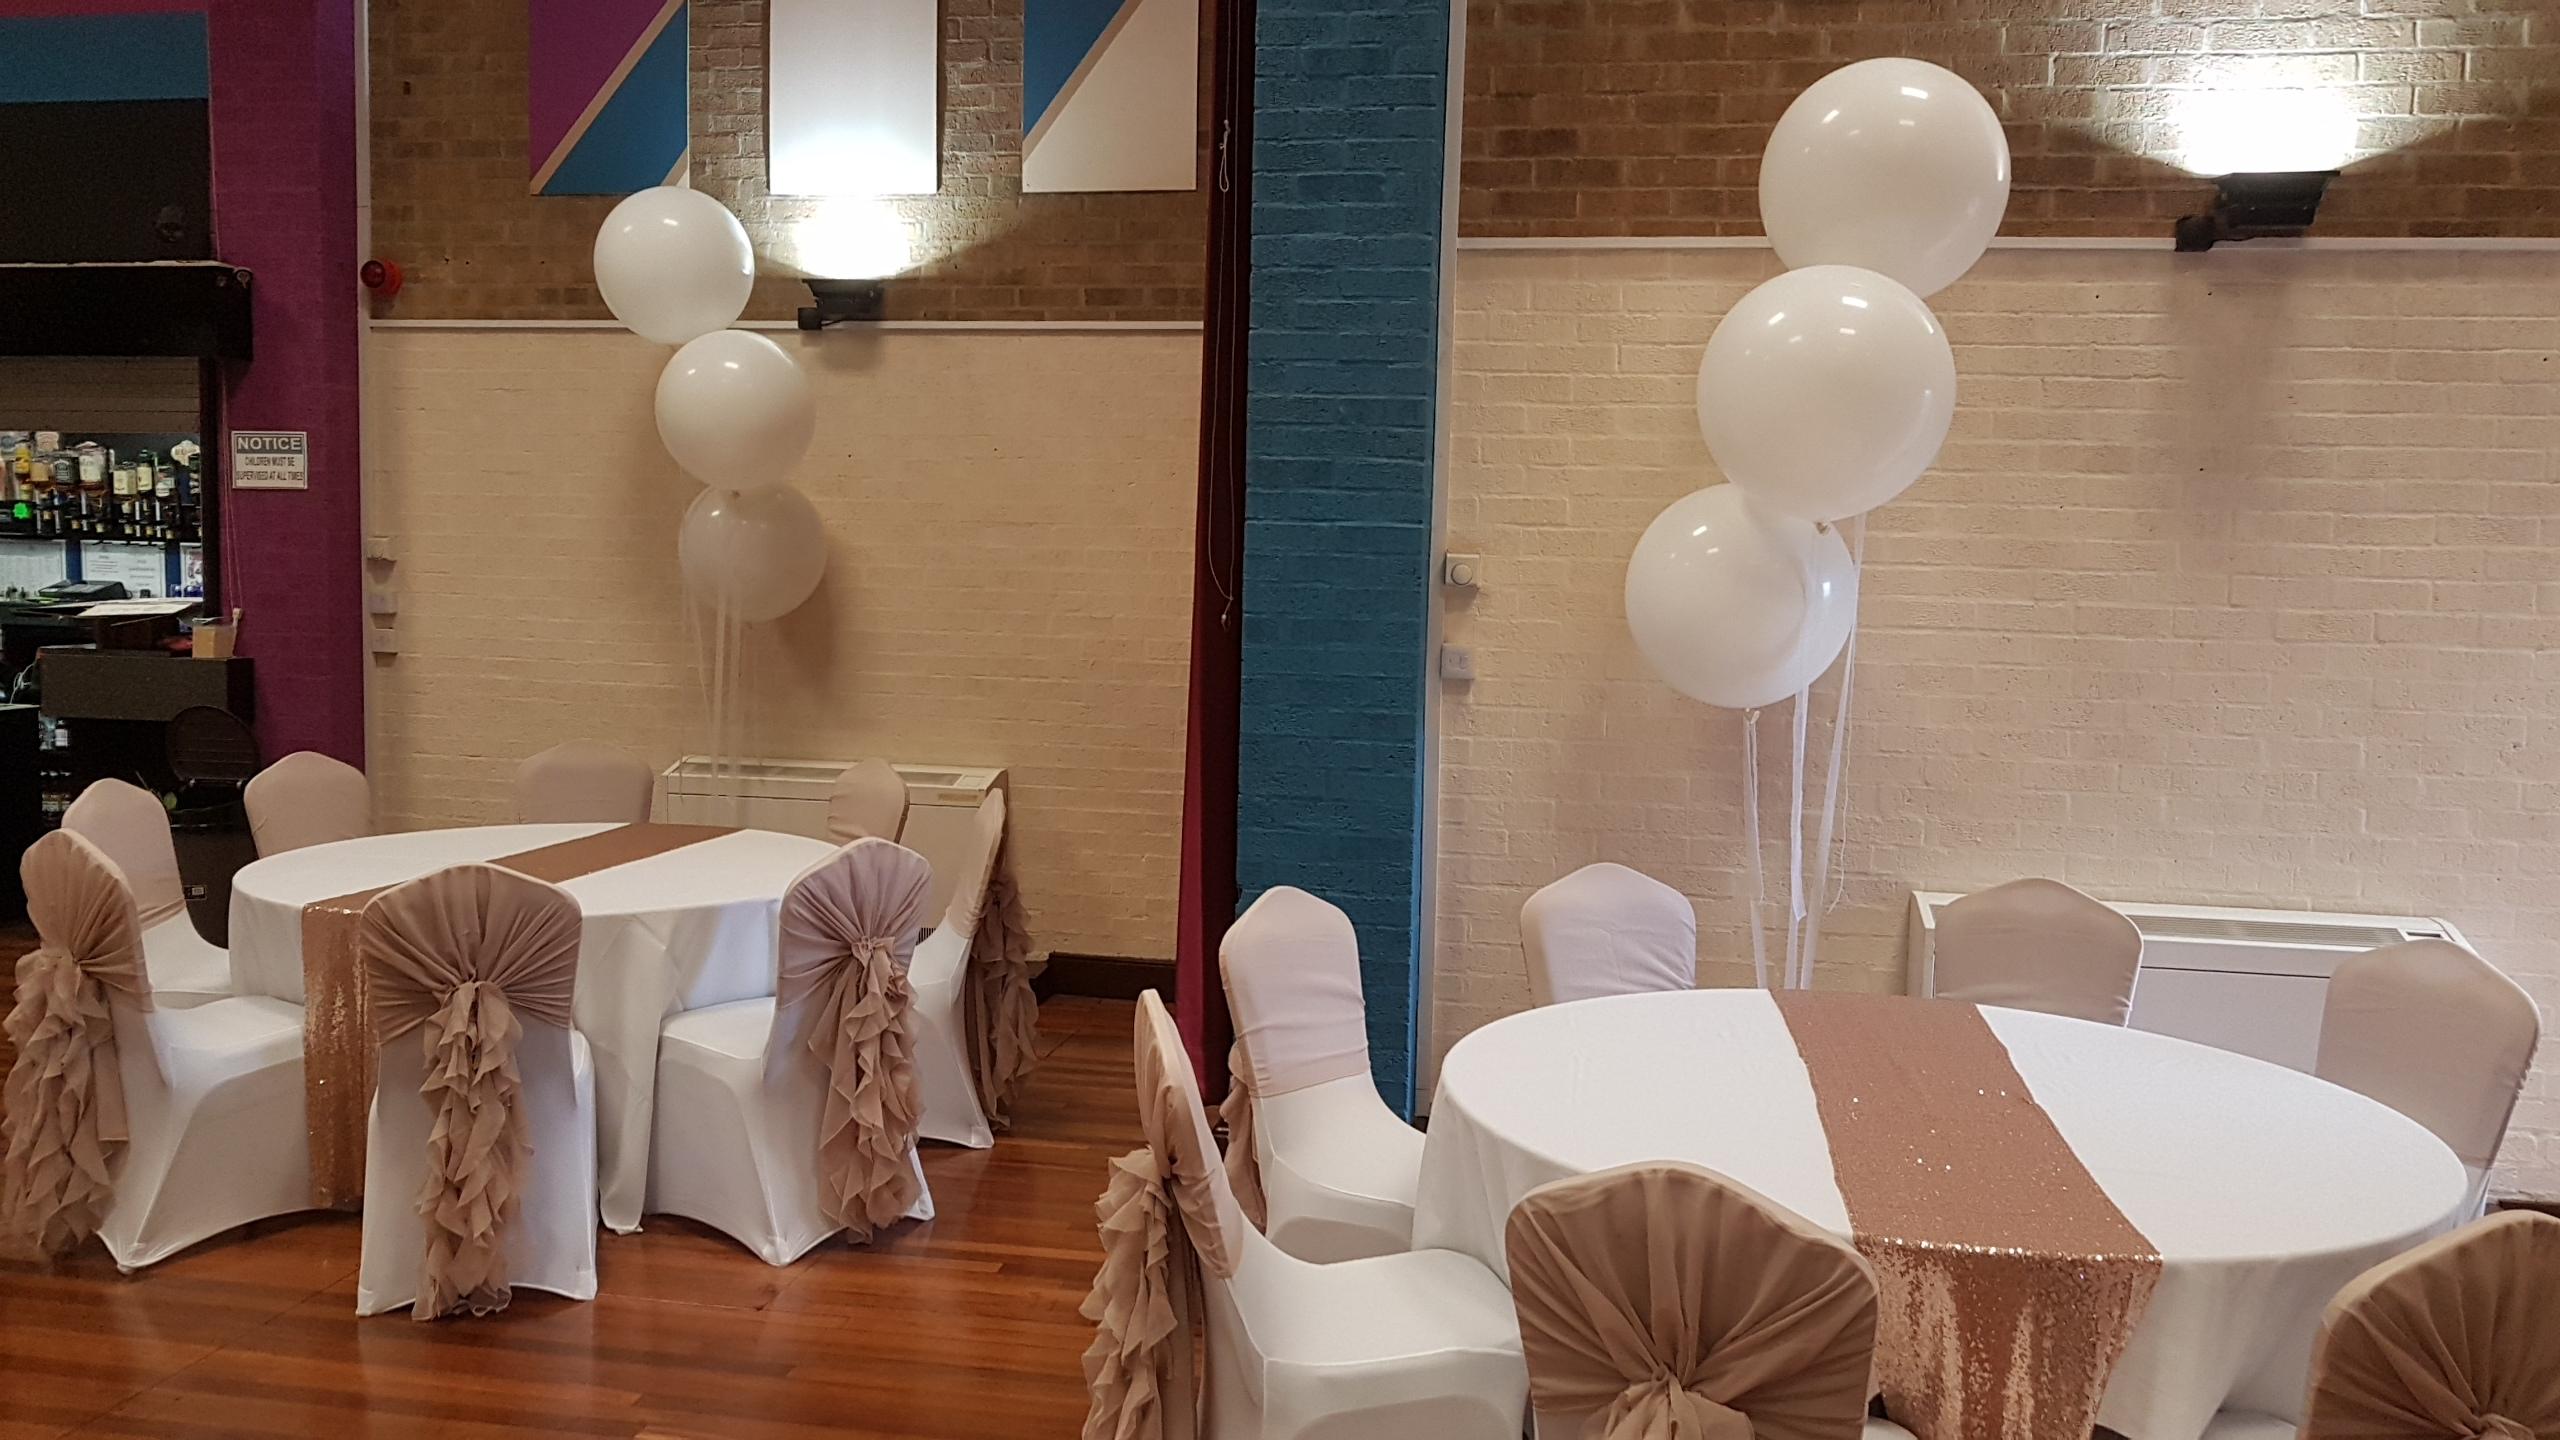 All white 3ft balloons